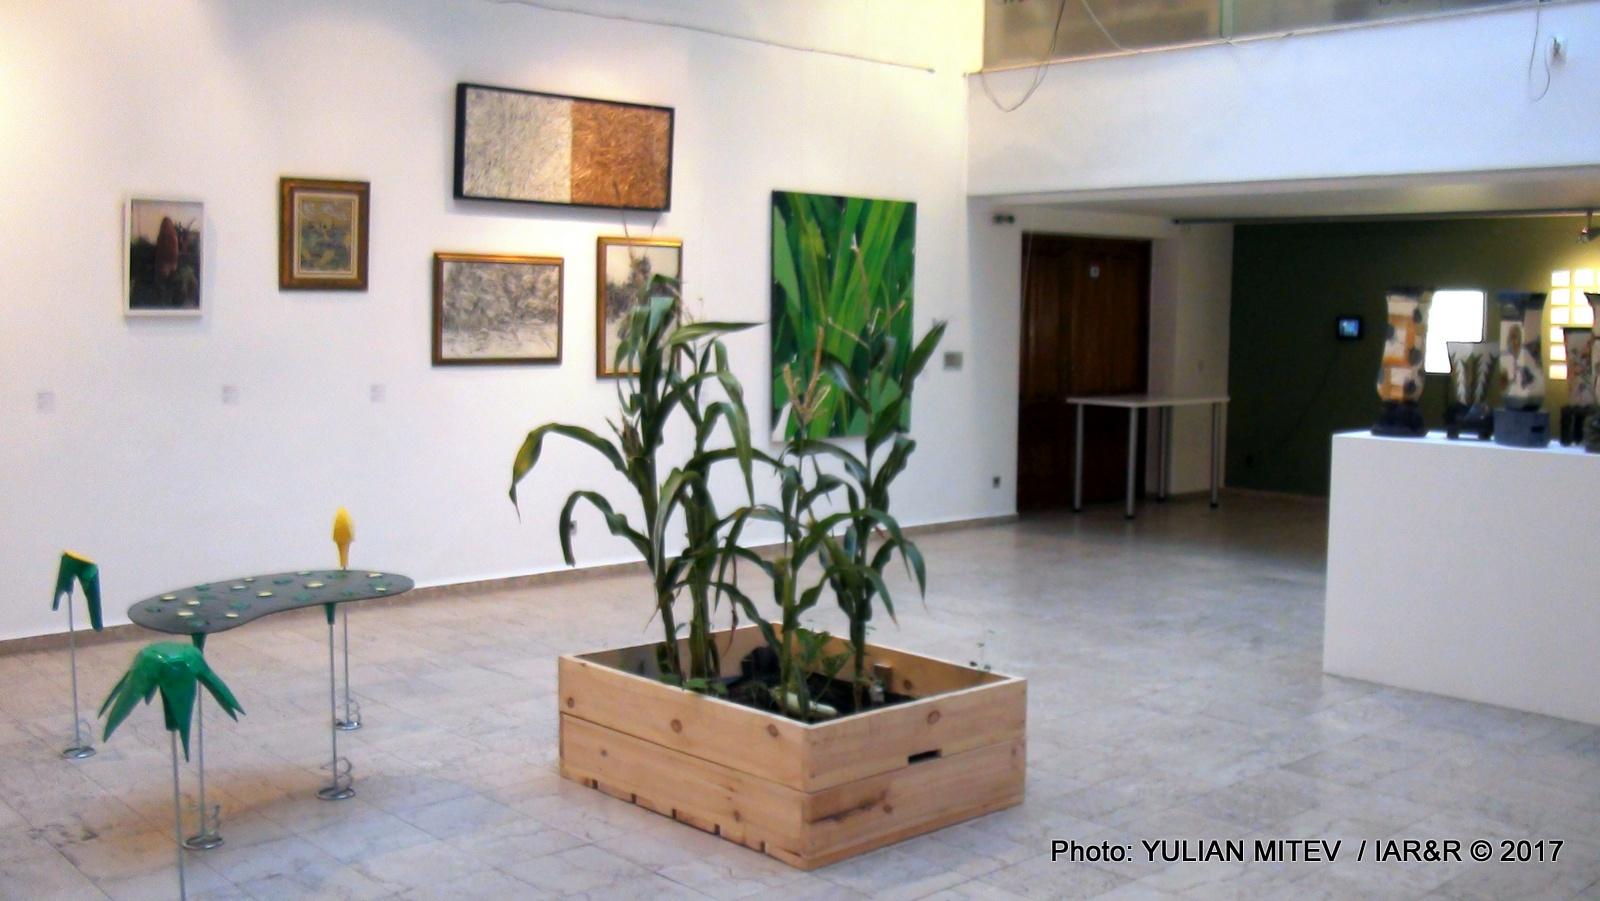 Общ вид (интериор) от изложбата. Експонатът в средата е дело на кураторката В. Ножарова и илюстрира основната теза и заглавие NATURA VIVA